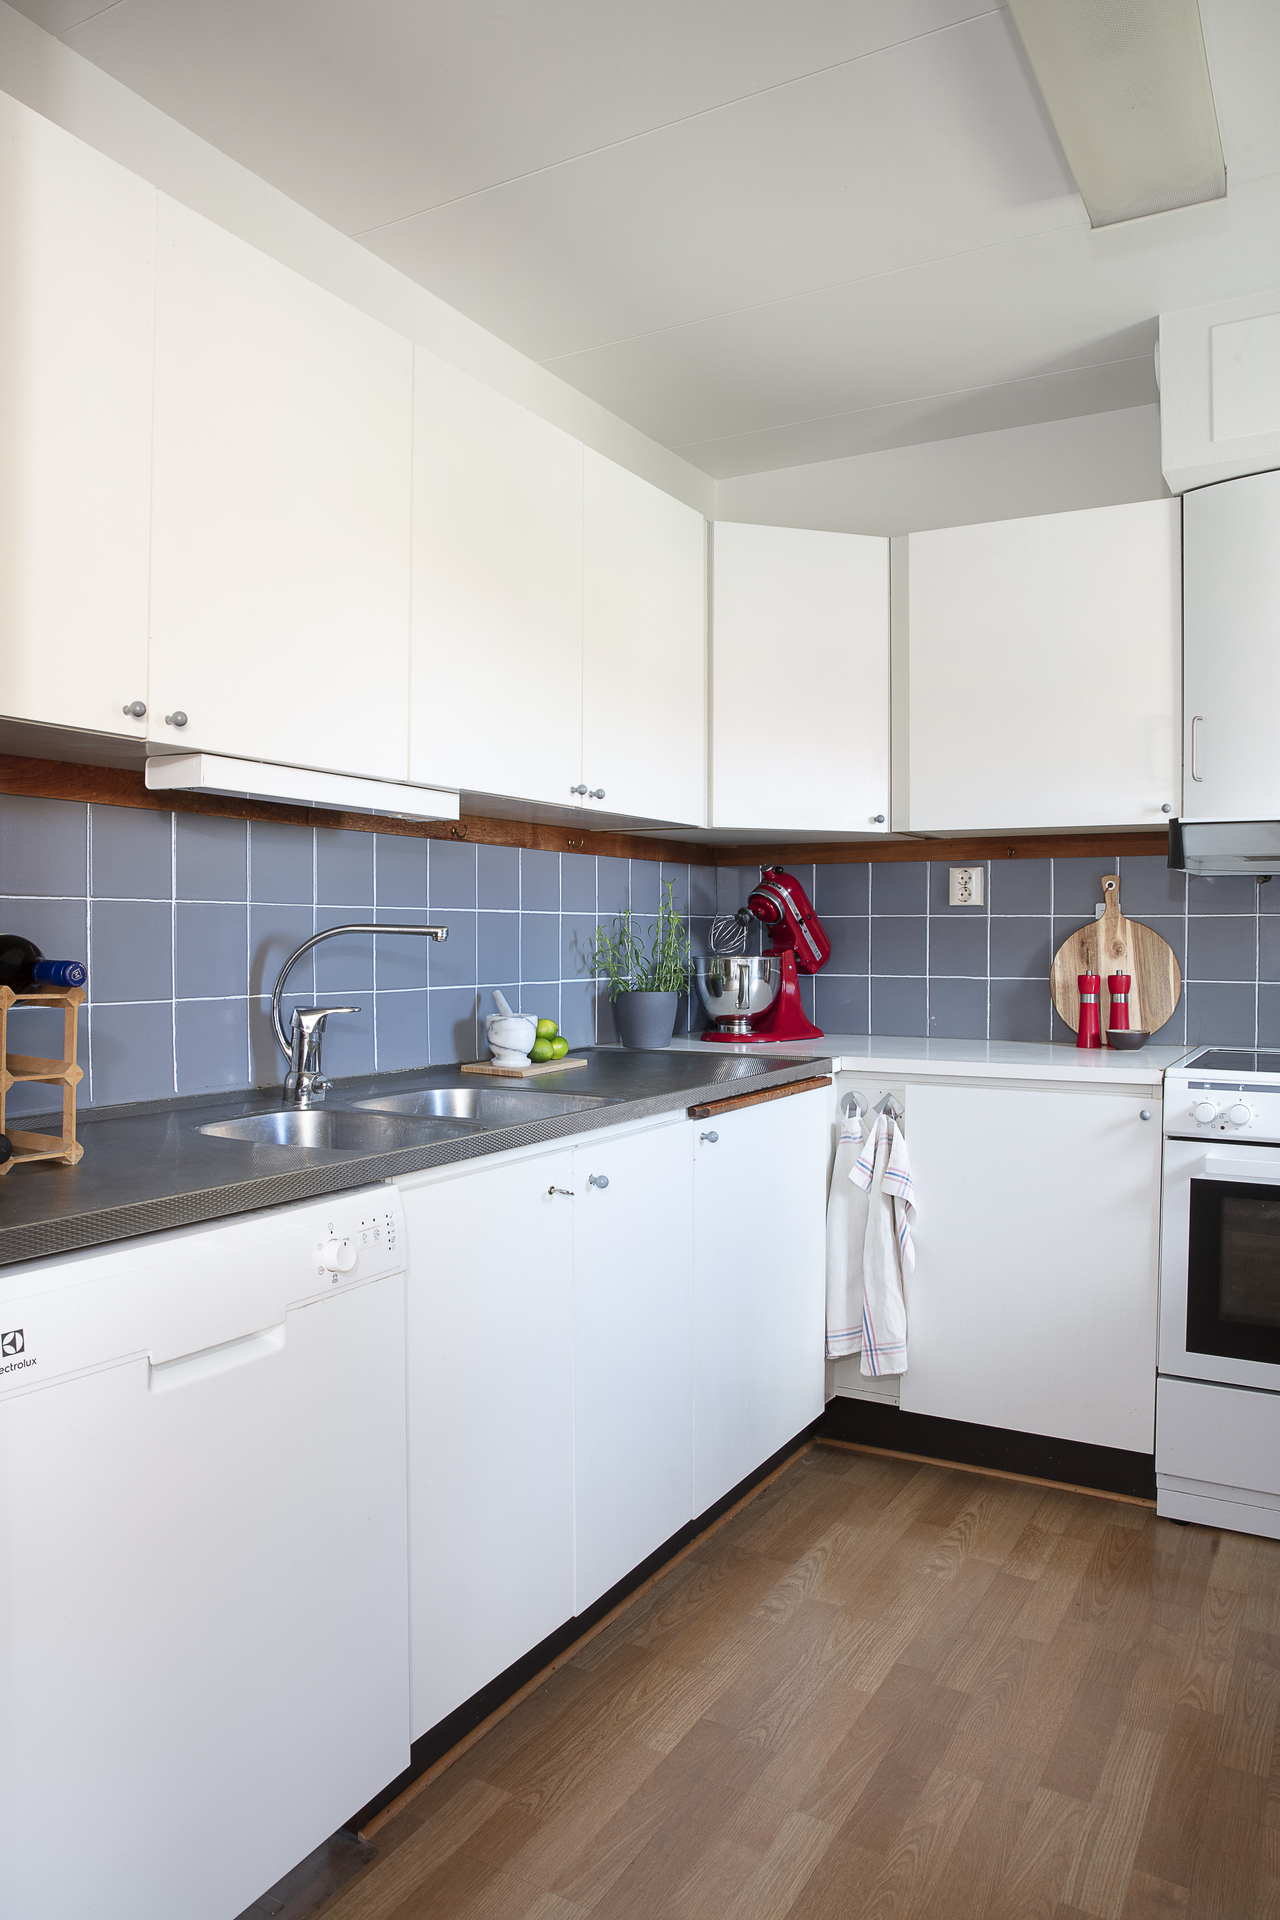 Köket erbjuder gott om plats för förvaring